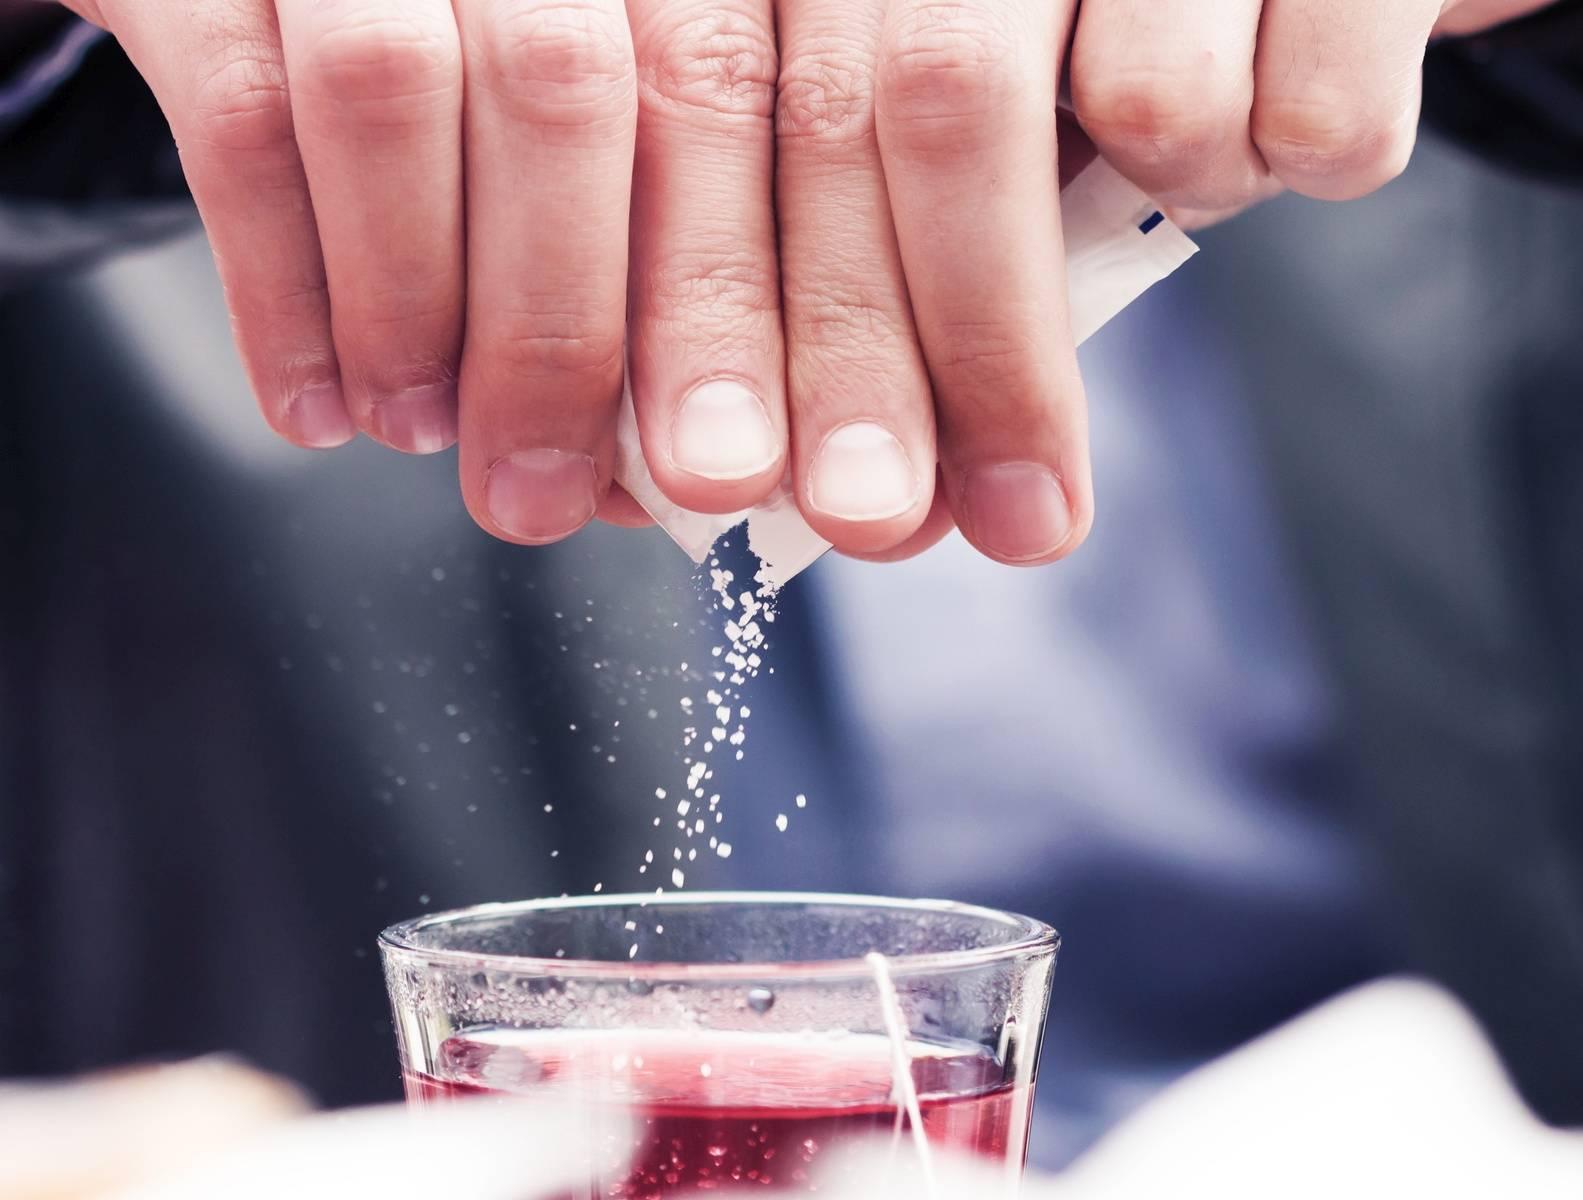 Słodziki niszczą dobre bakterie w jelitach.